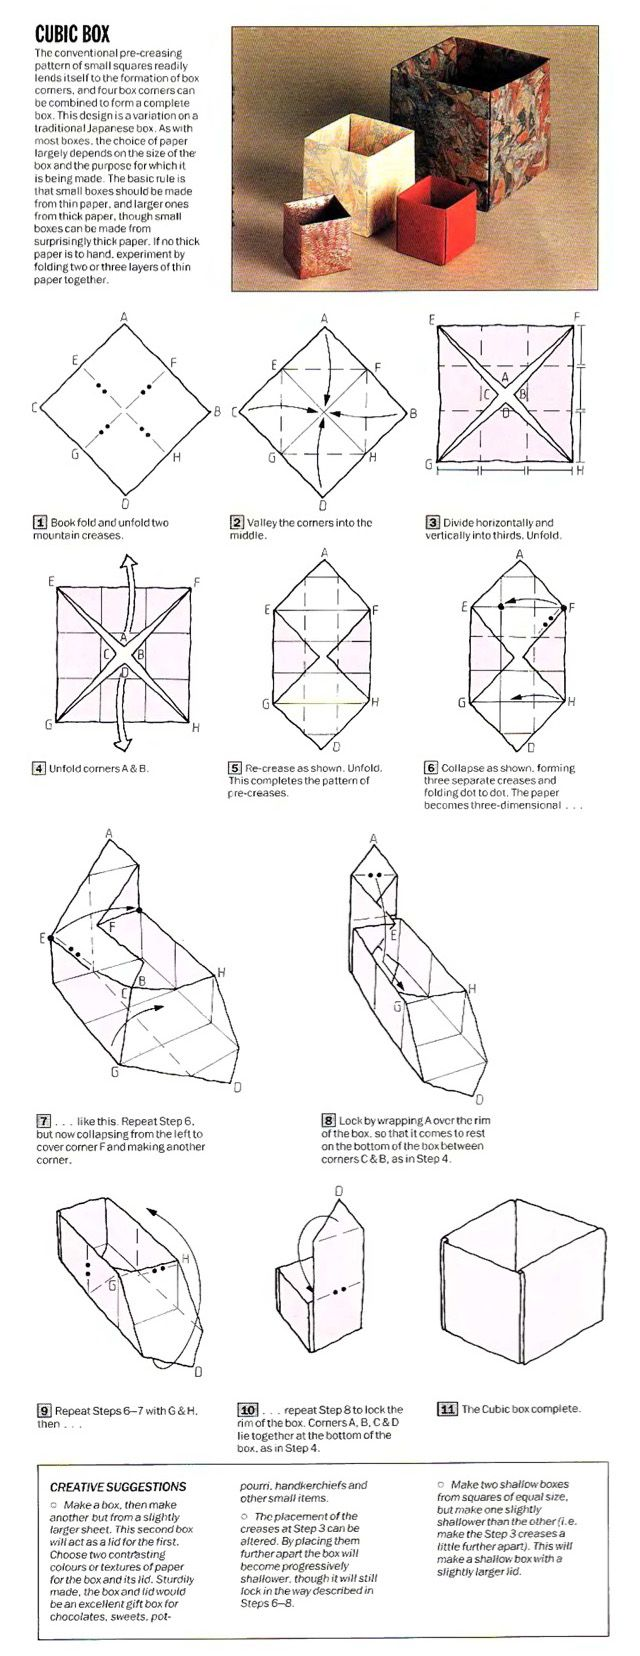 самбреро из бумаги фото инструкция